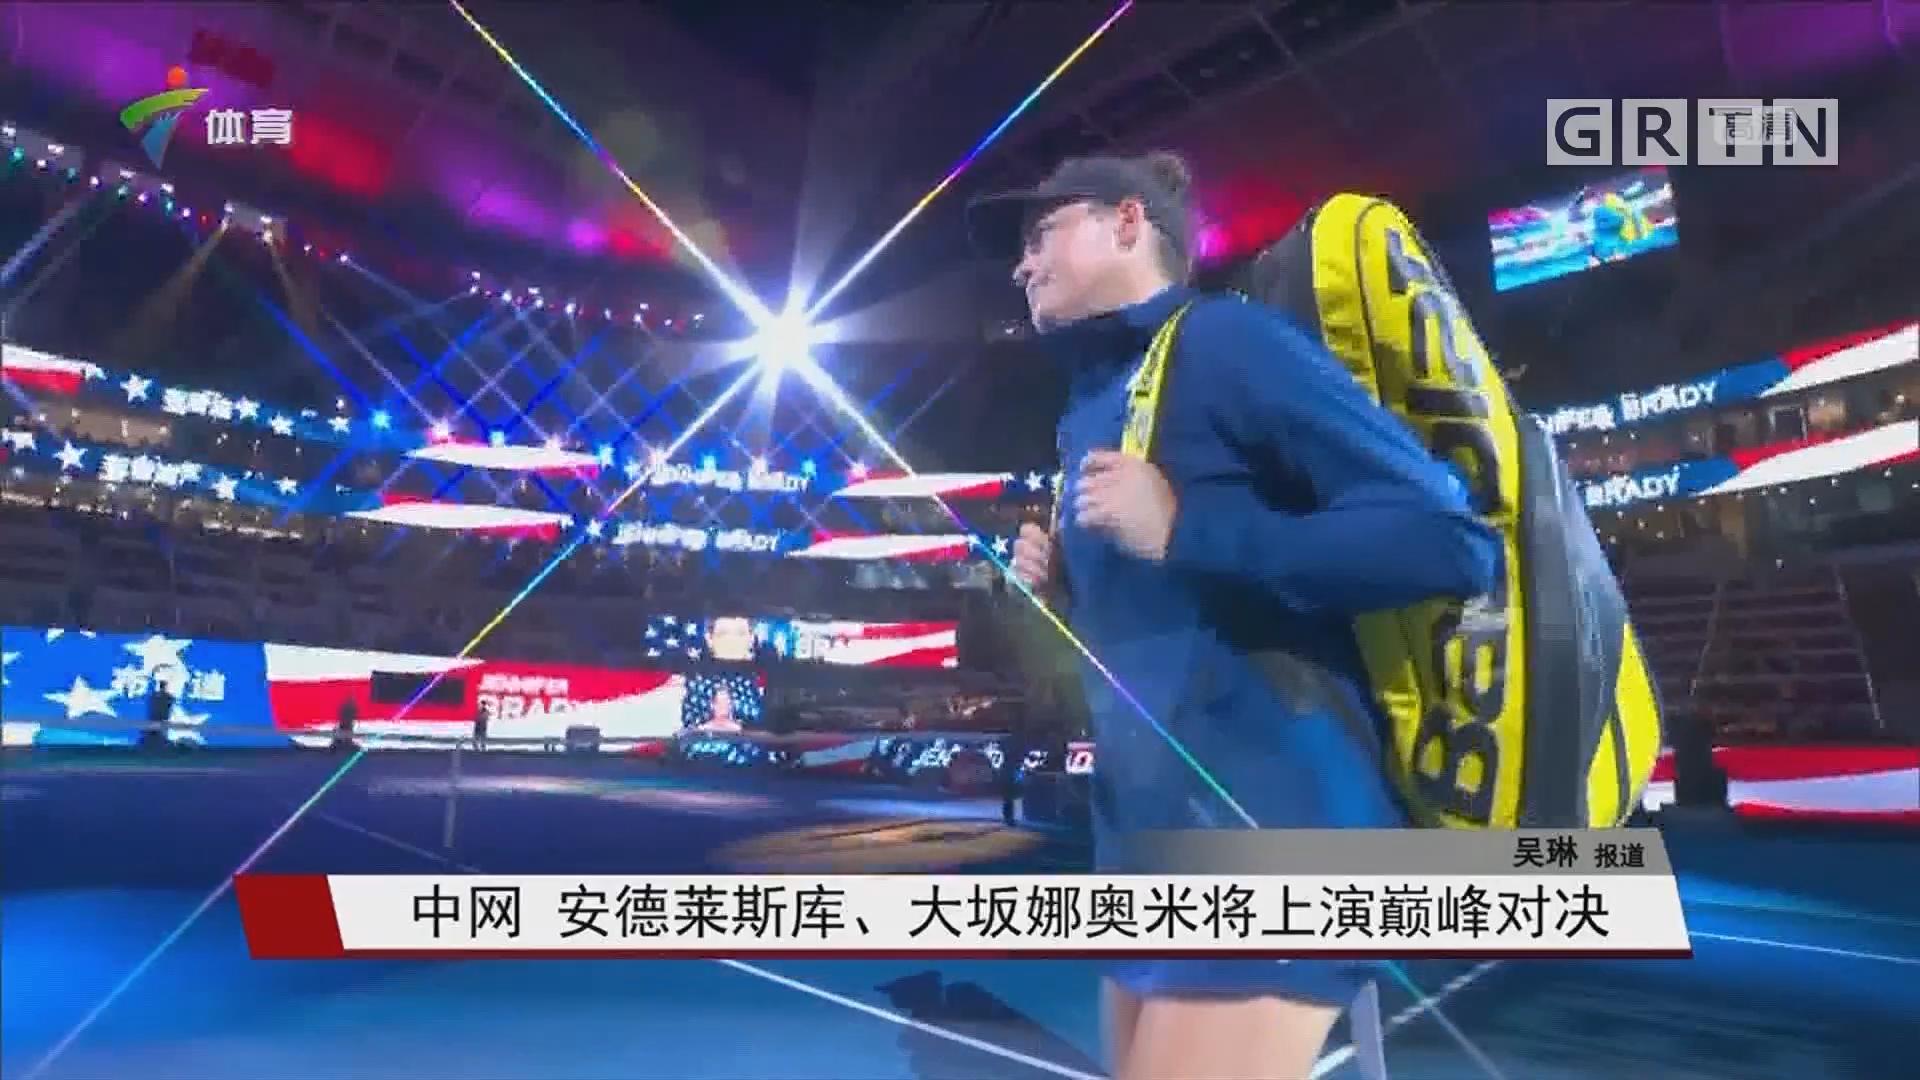 中網 安德萊斯庫、大坂娜奧米將上演巔峰對決